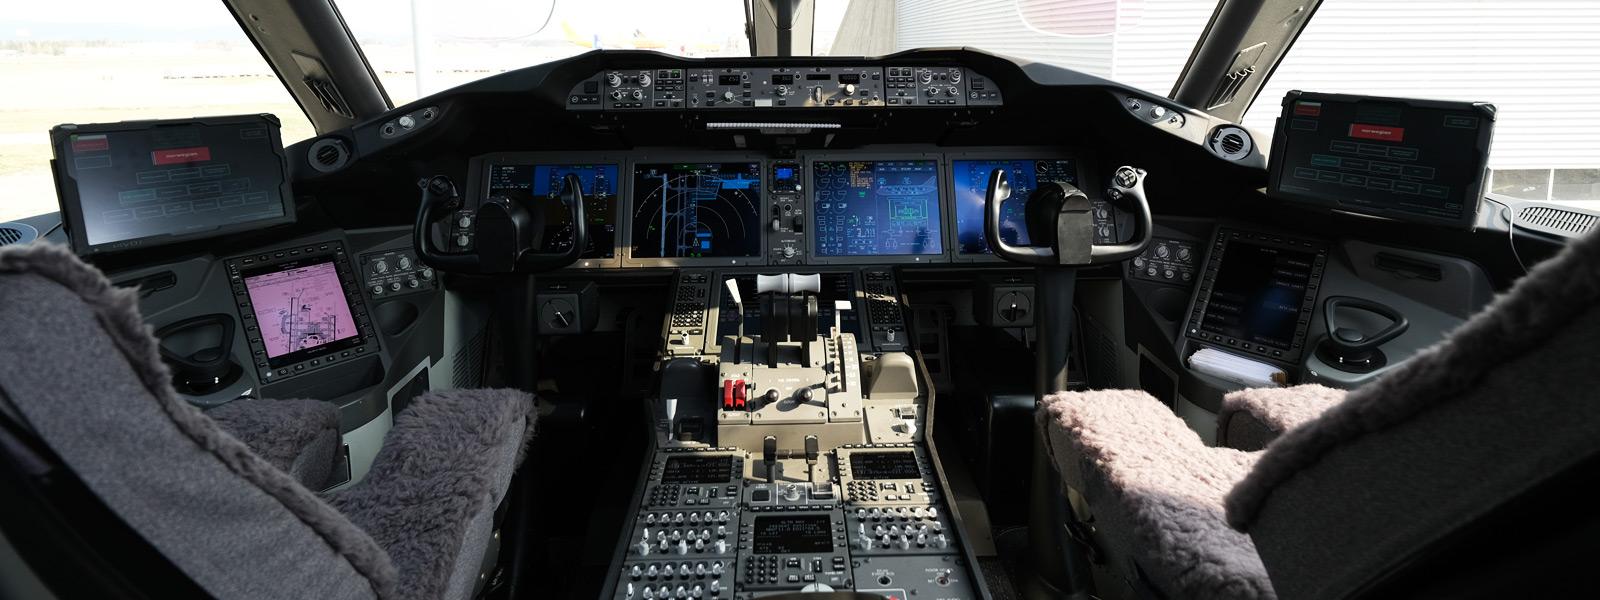 Das Cockpit eines Norwegian Airlines-Flugzeugs